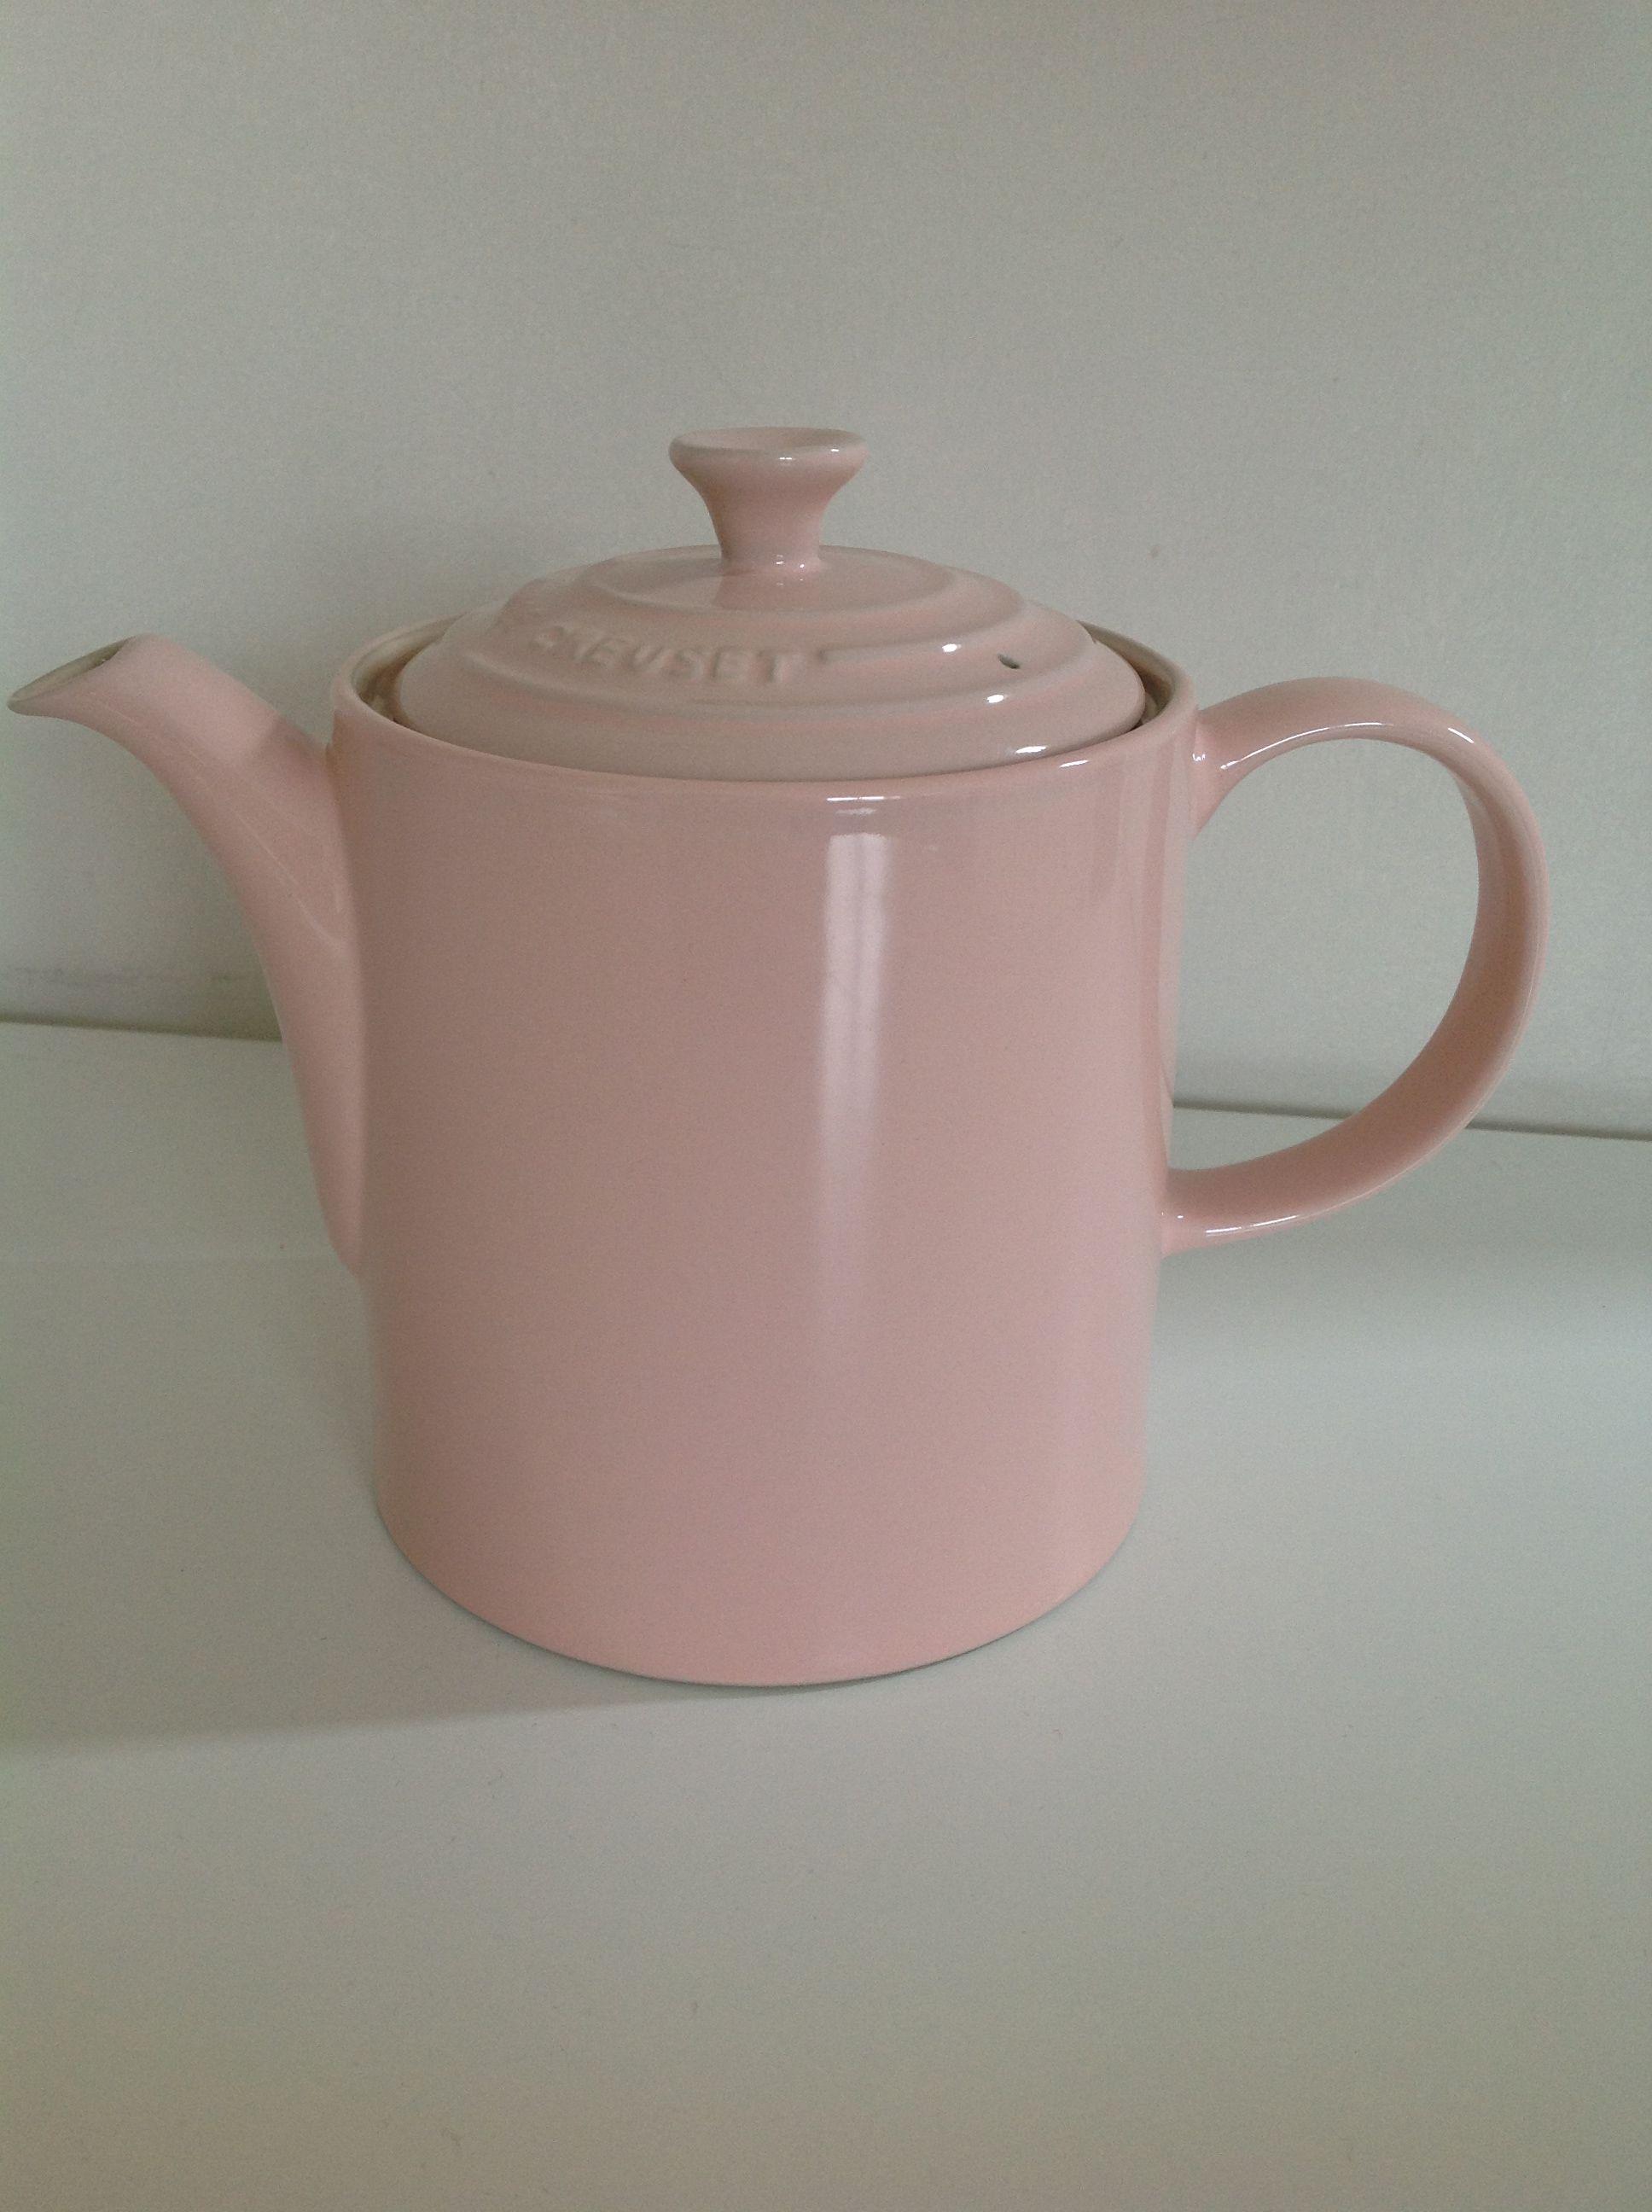 <3 my new tea pot. Le creuset